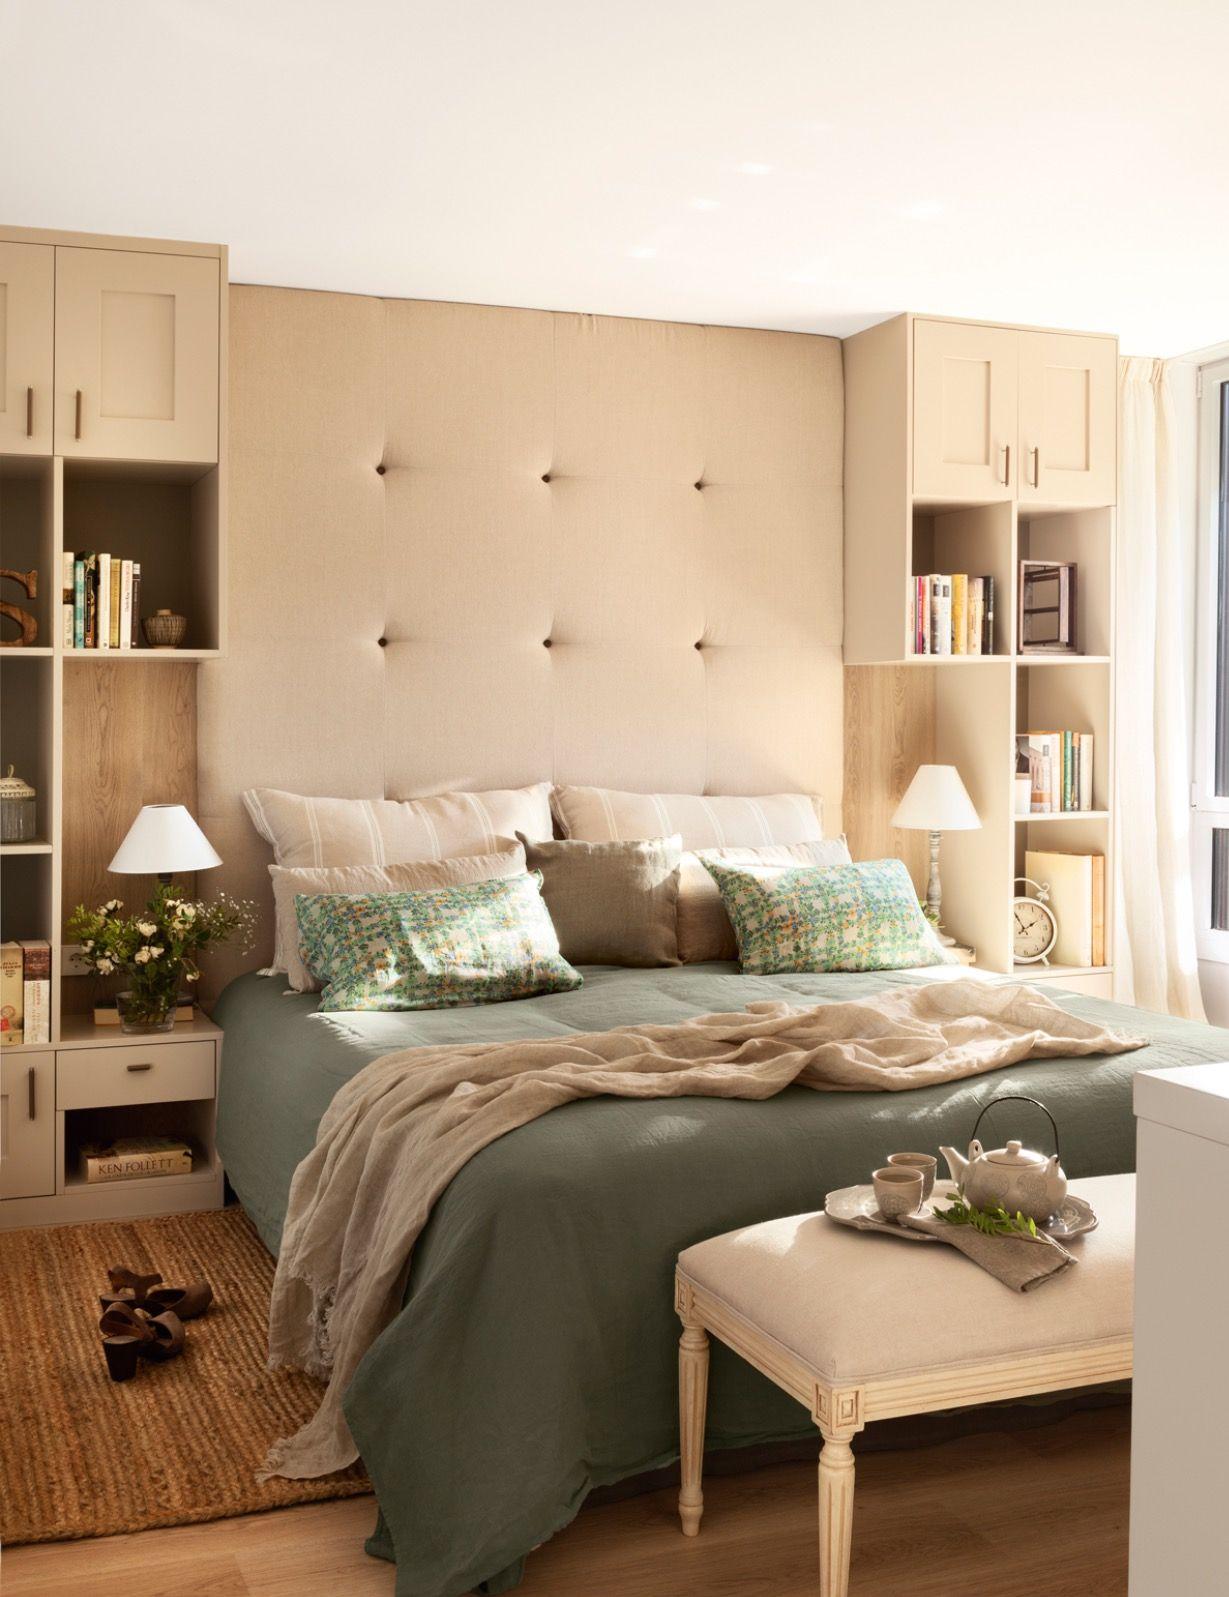 Pin von Cleo Tobon auf Deco (mit Bildern)   Schlafzimmer ...